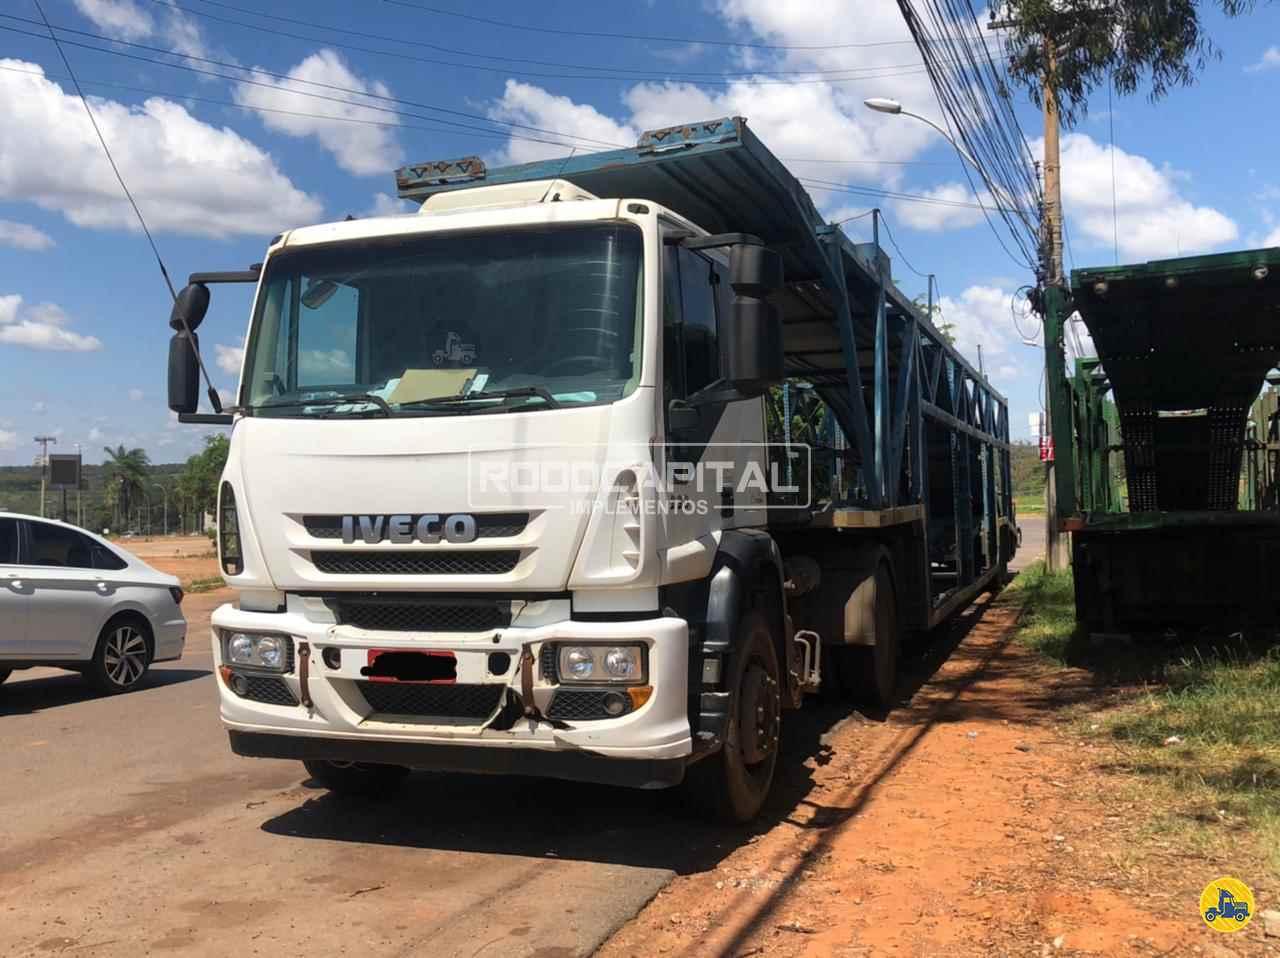 CAMINHAO IVECO CURSOR 450E33 Cavalo Mecânico Toco 4x2 RODOCAPITAL - TRUCKVAN BRASILIA DISTRITO FEDERAL DF